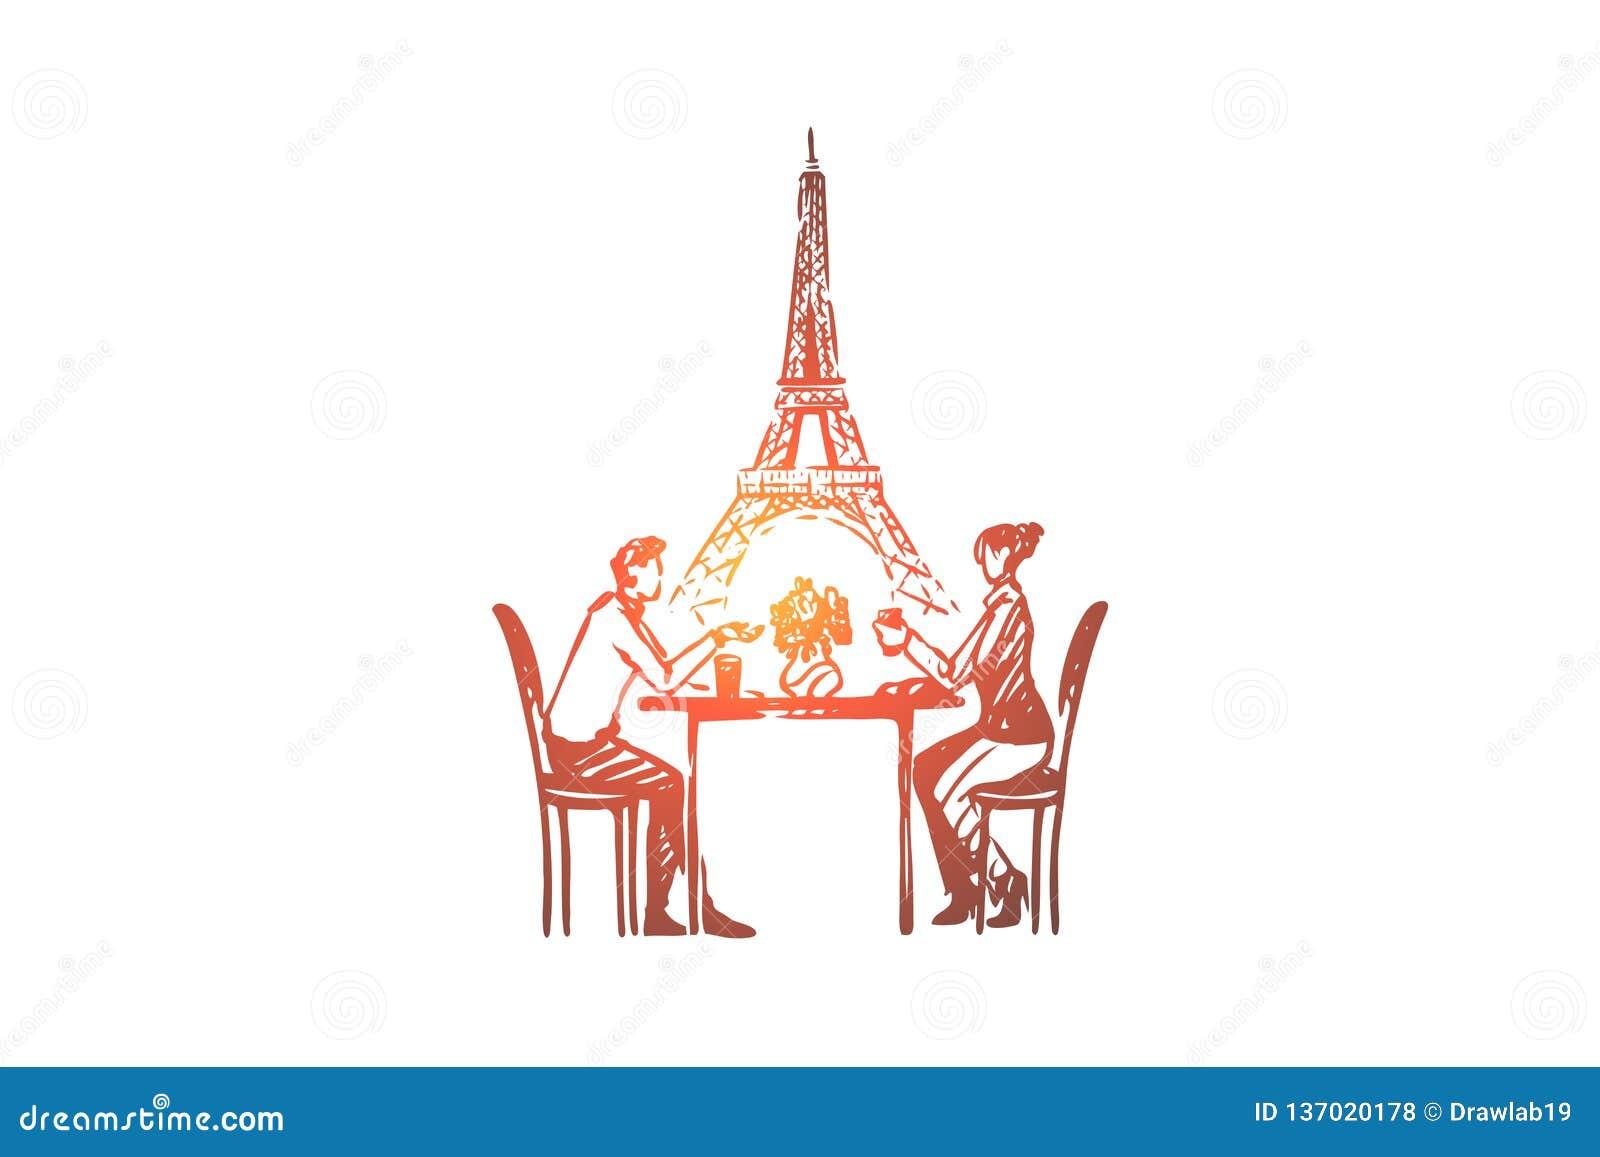 Coppie, Parigi, amore, romanzesco, concetto di sensibilità Vettore isolato disegnato a mano